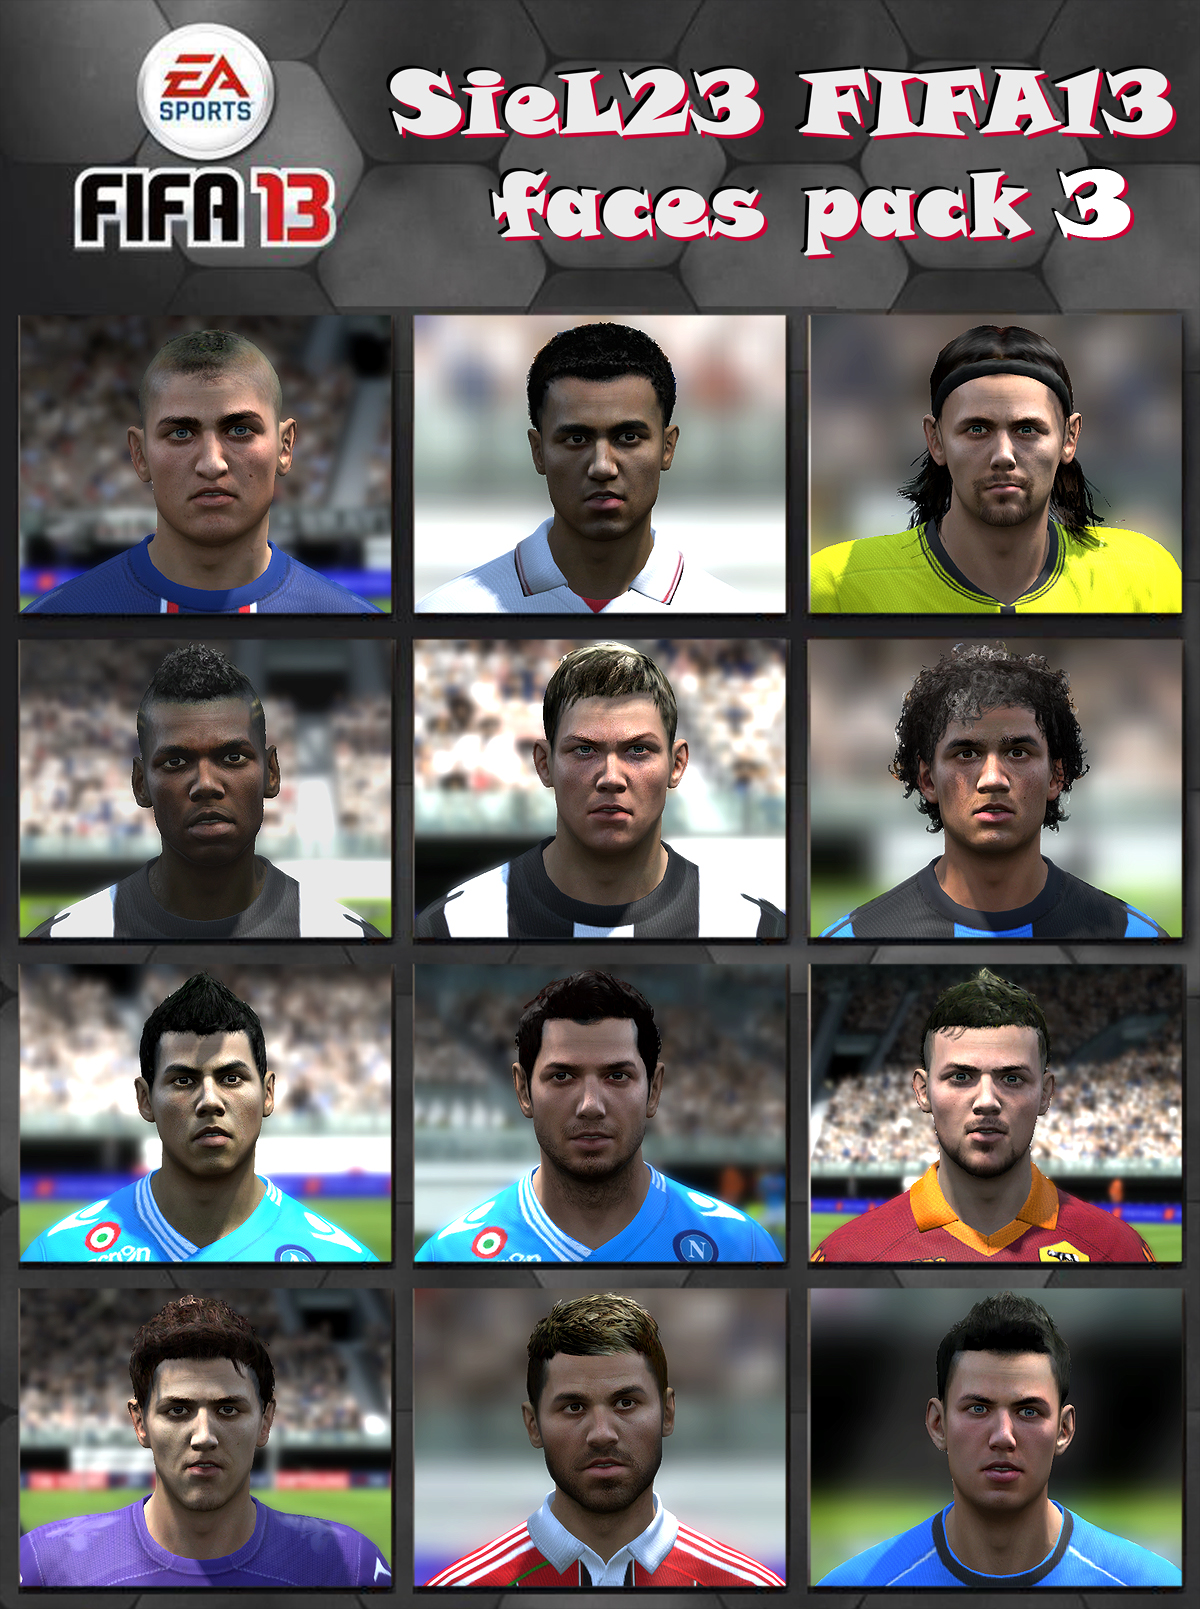 FIFA13 faces pack 3 by SieL23 - новые лица для fifa13 таких футболистов: Co